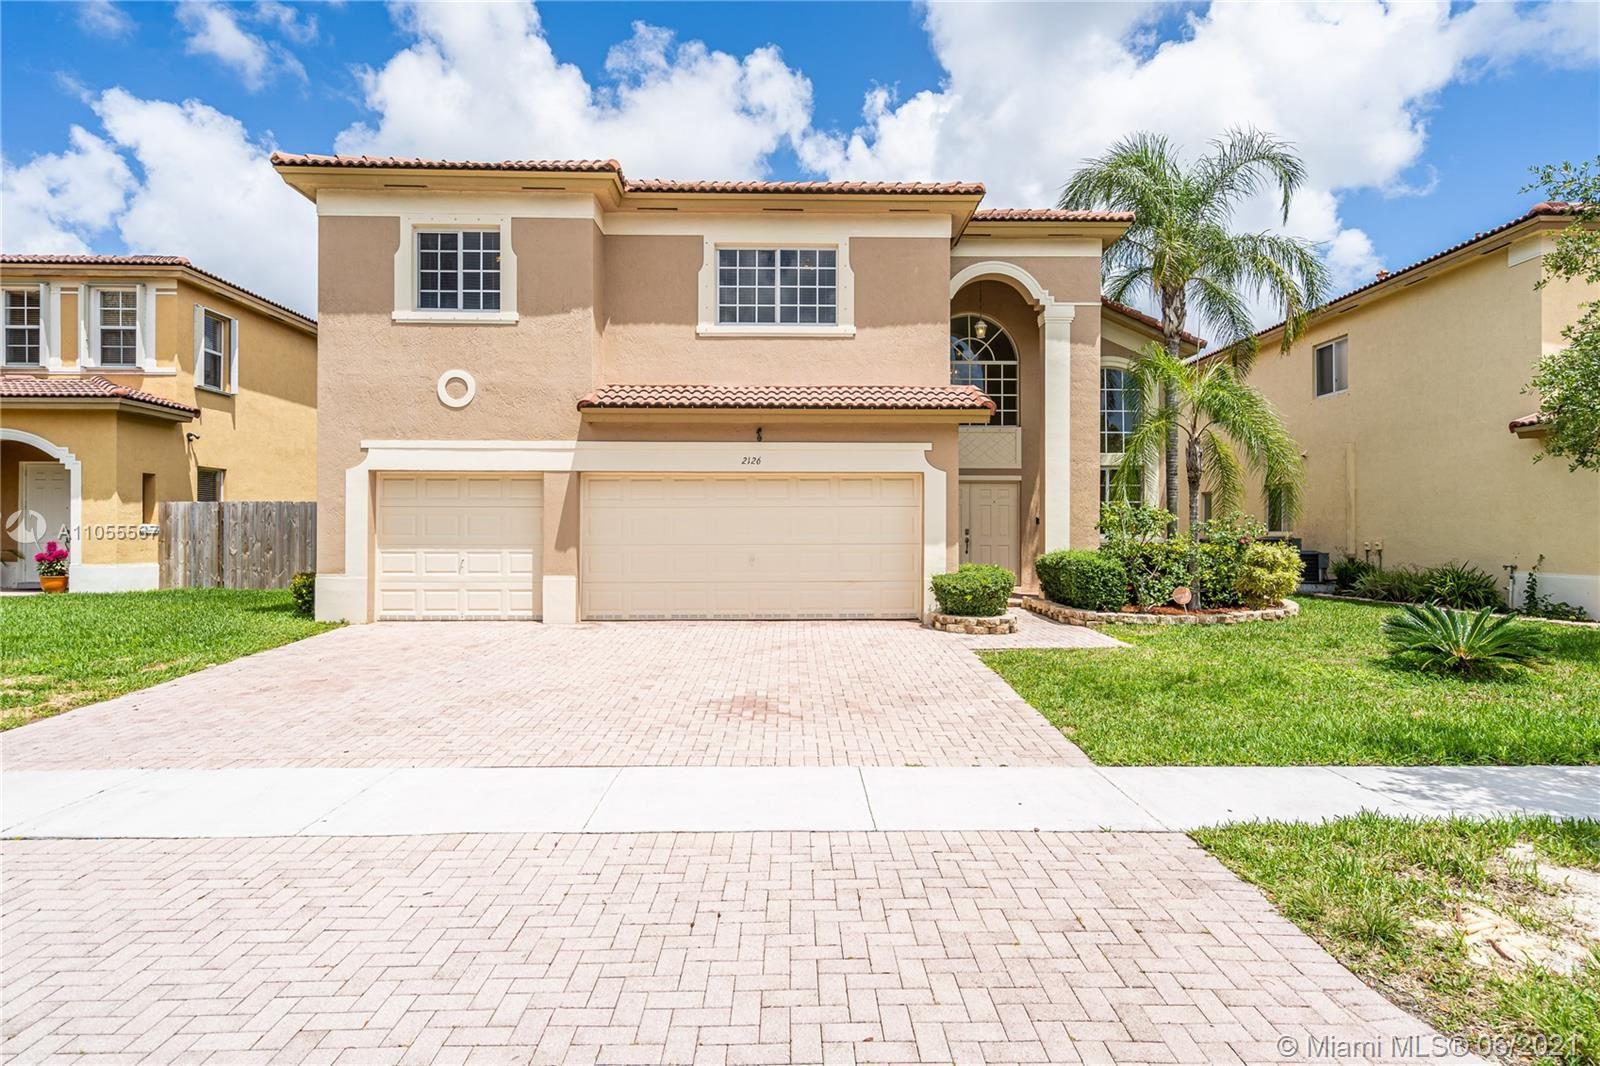 2126 NE 38th Rd, Homestead, FL 33033 - #: A11055567